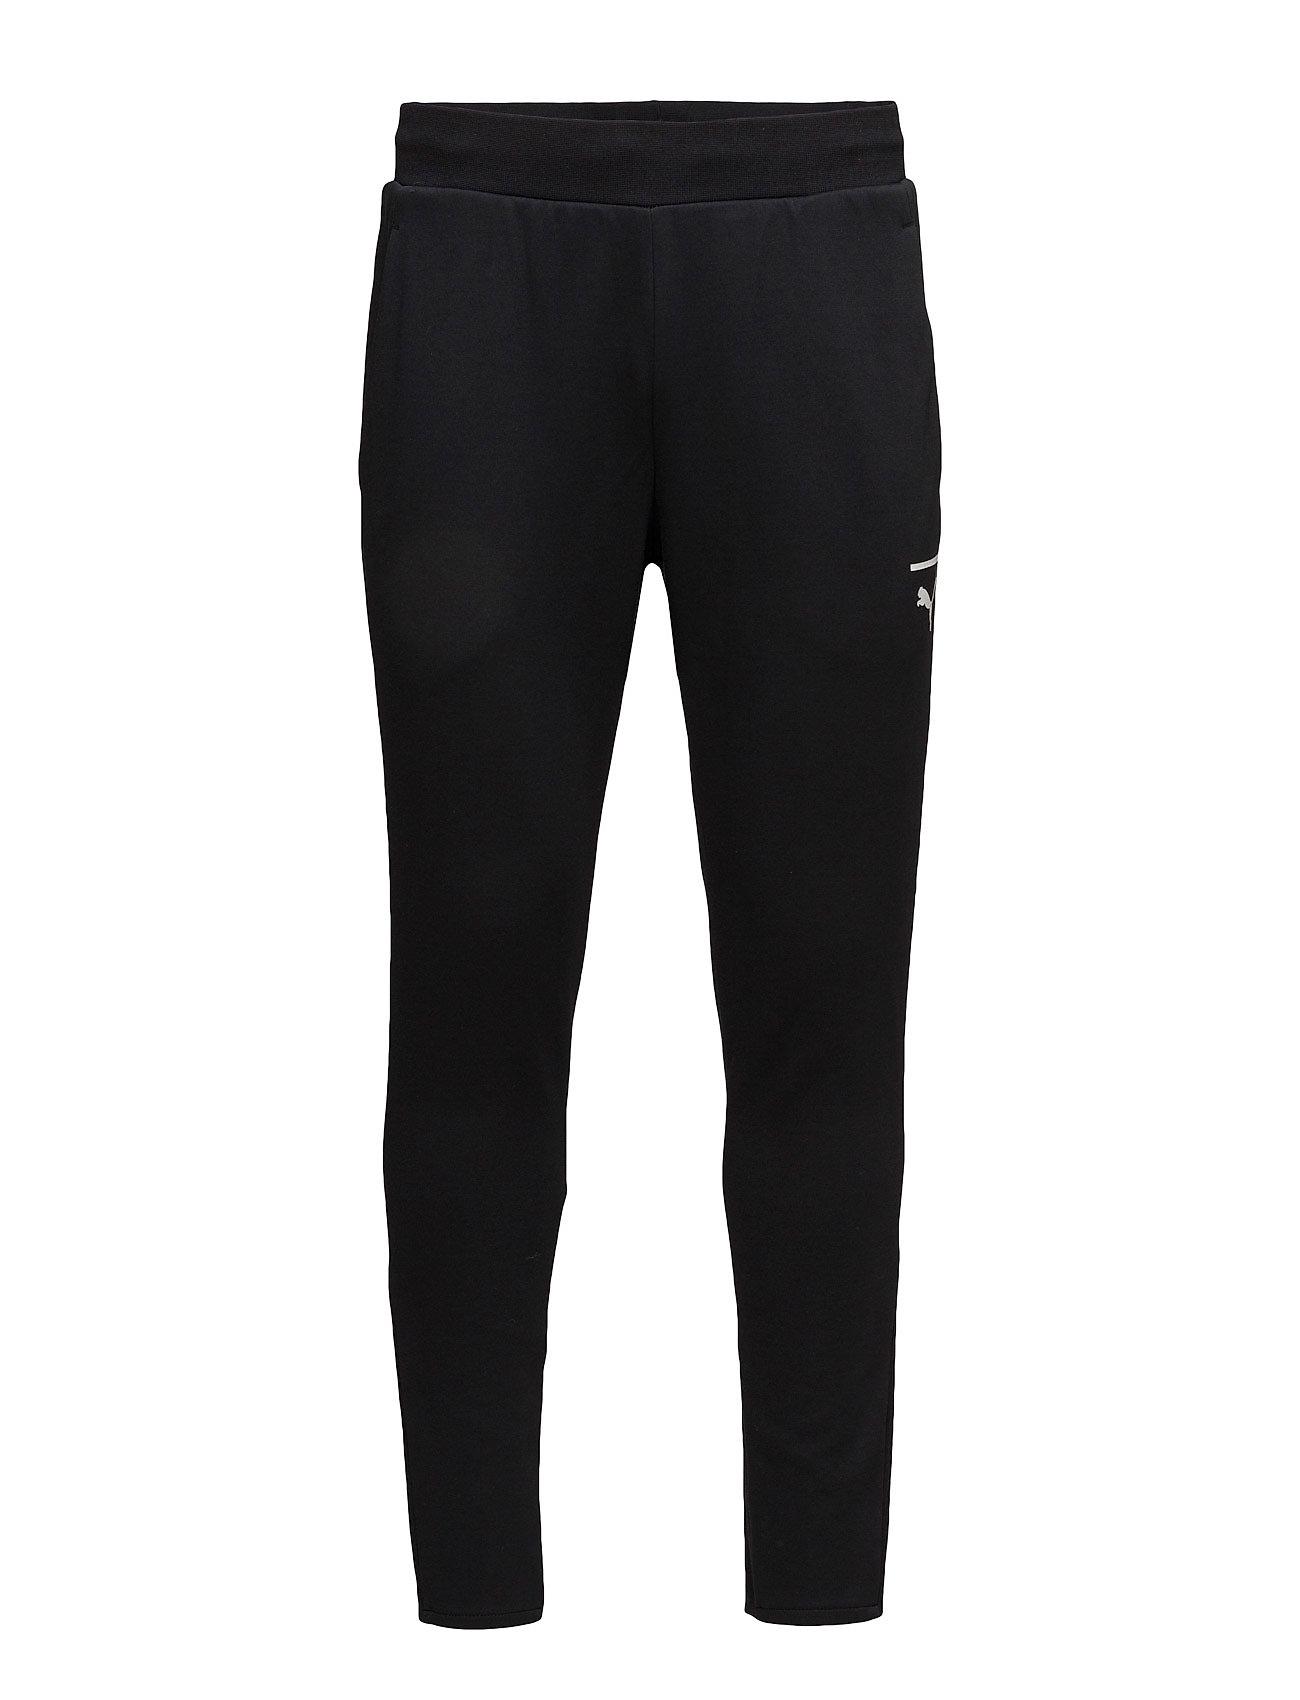 Evo Core Pants Puma Træningsbukser til Herrer i